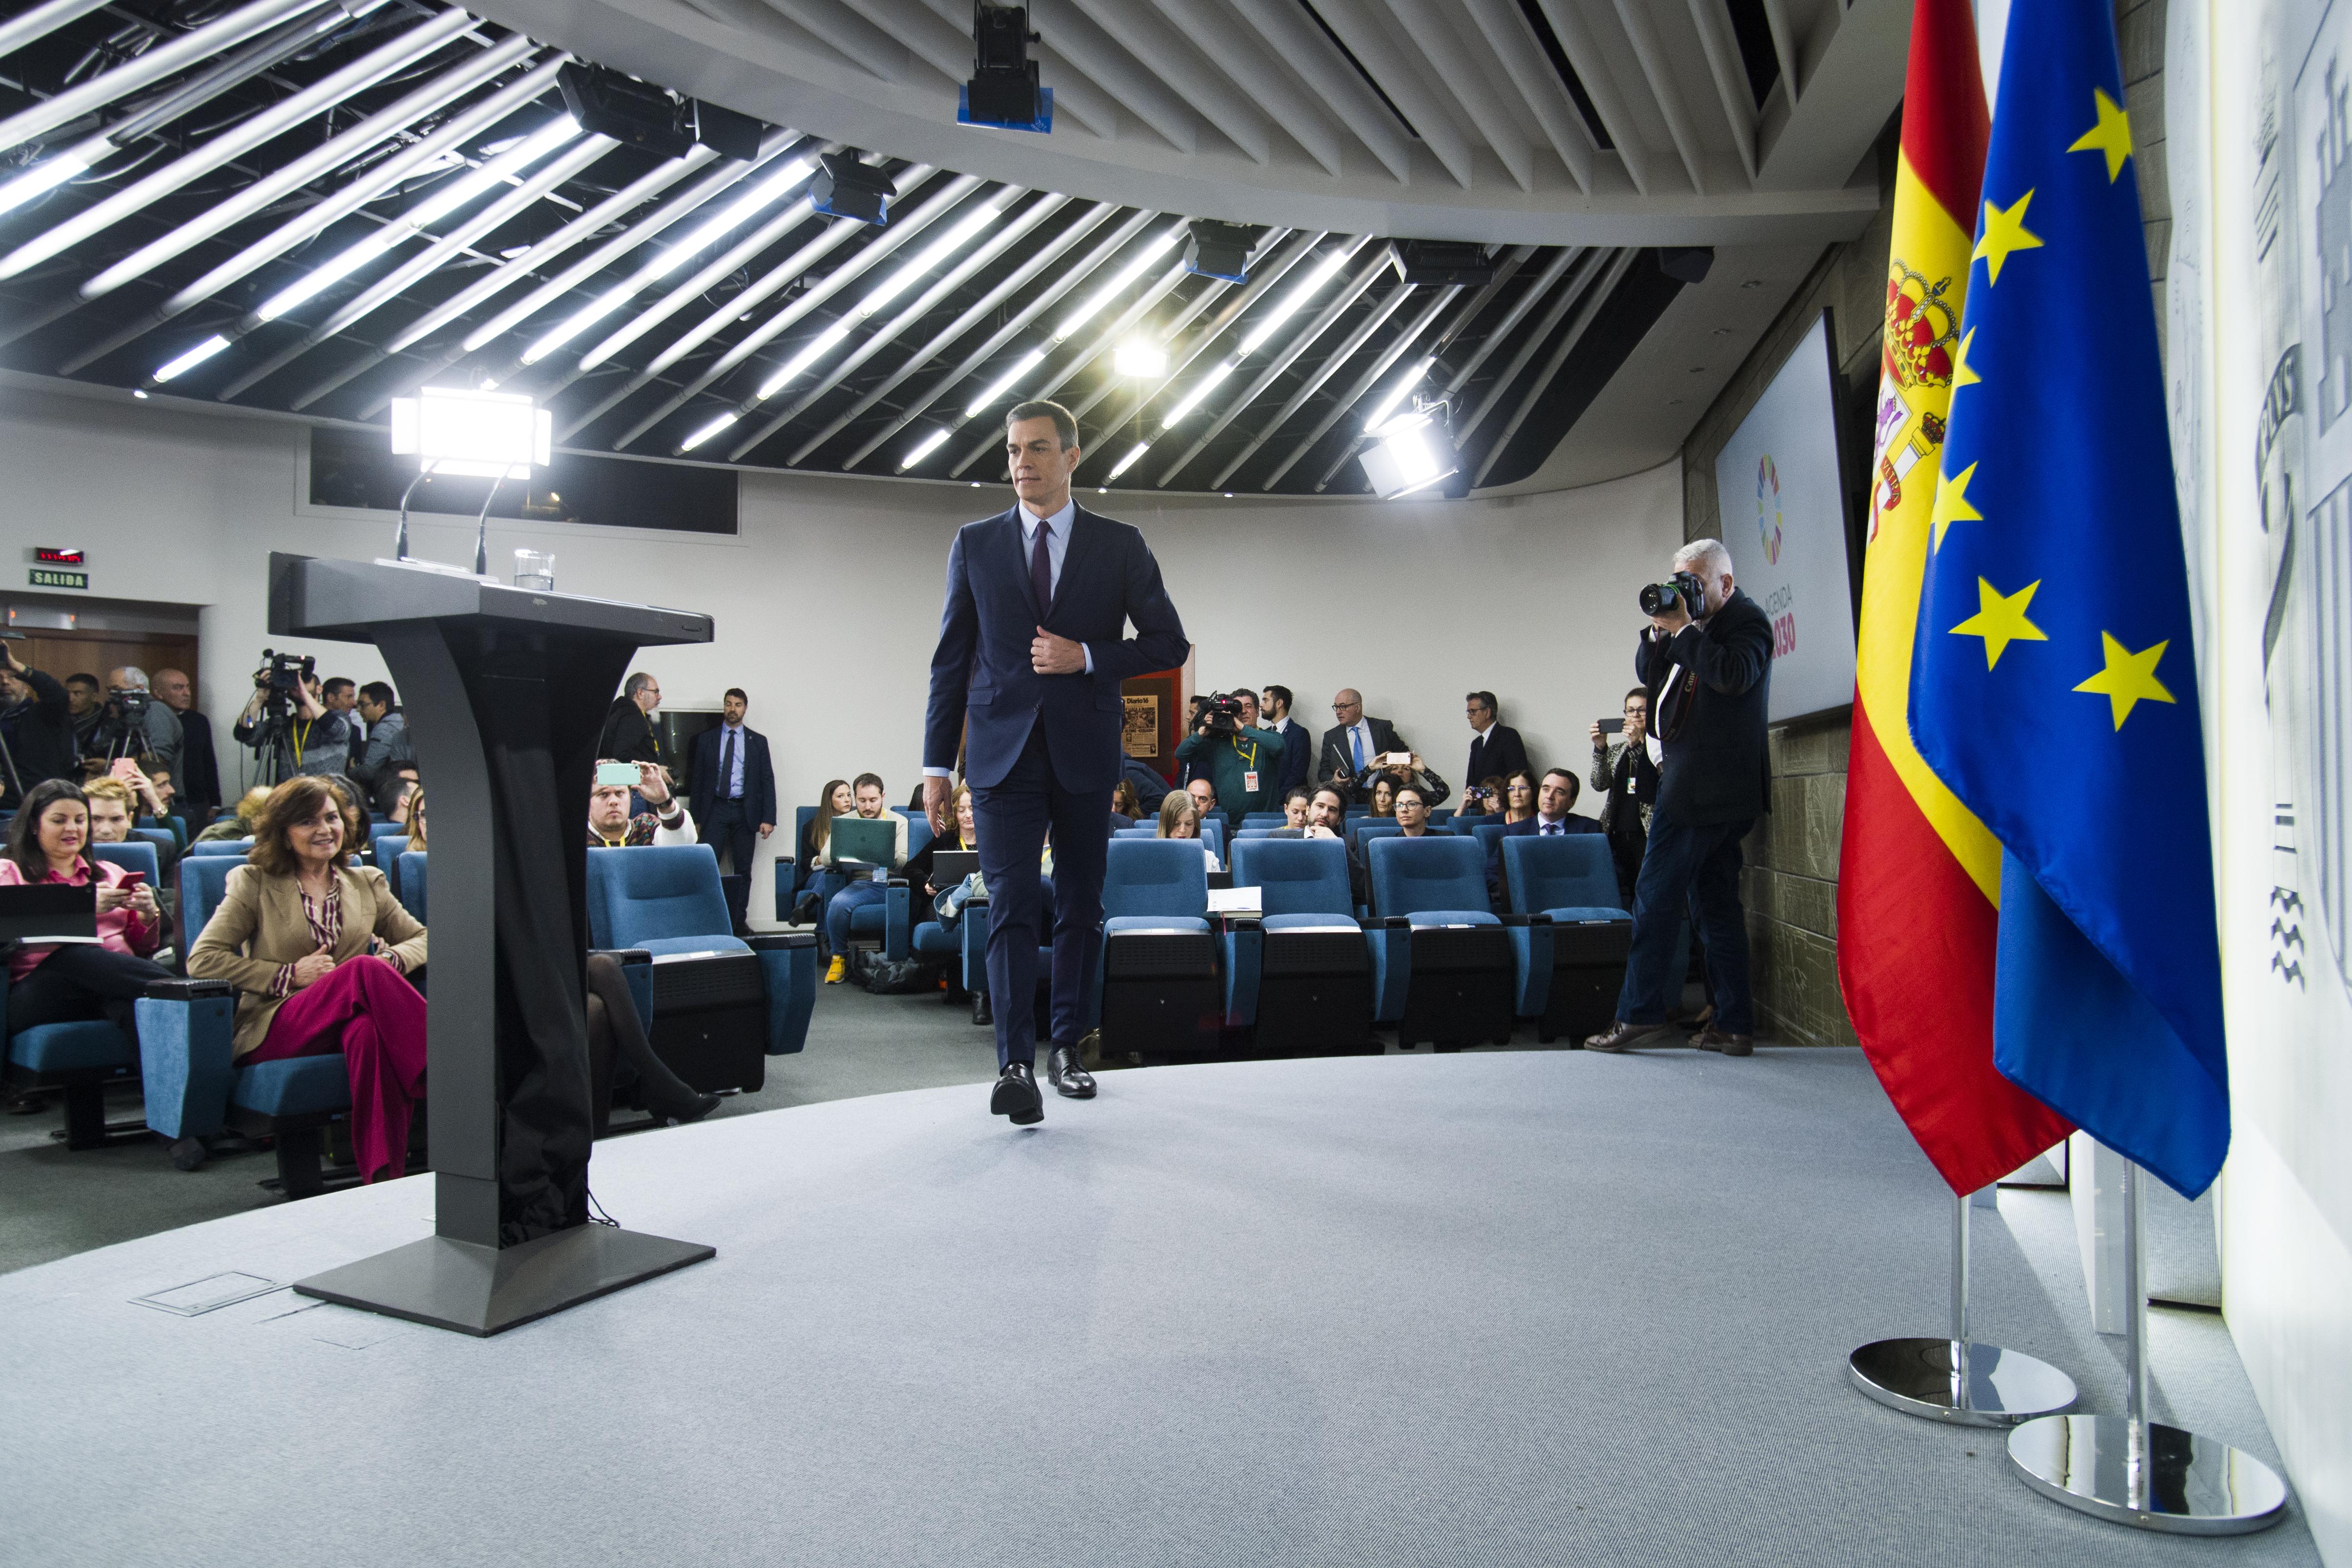 Foment espera que el nou Gobierno que es formi després de les eleccions pugui aportar estabilitat